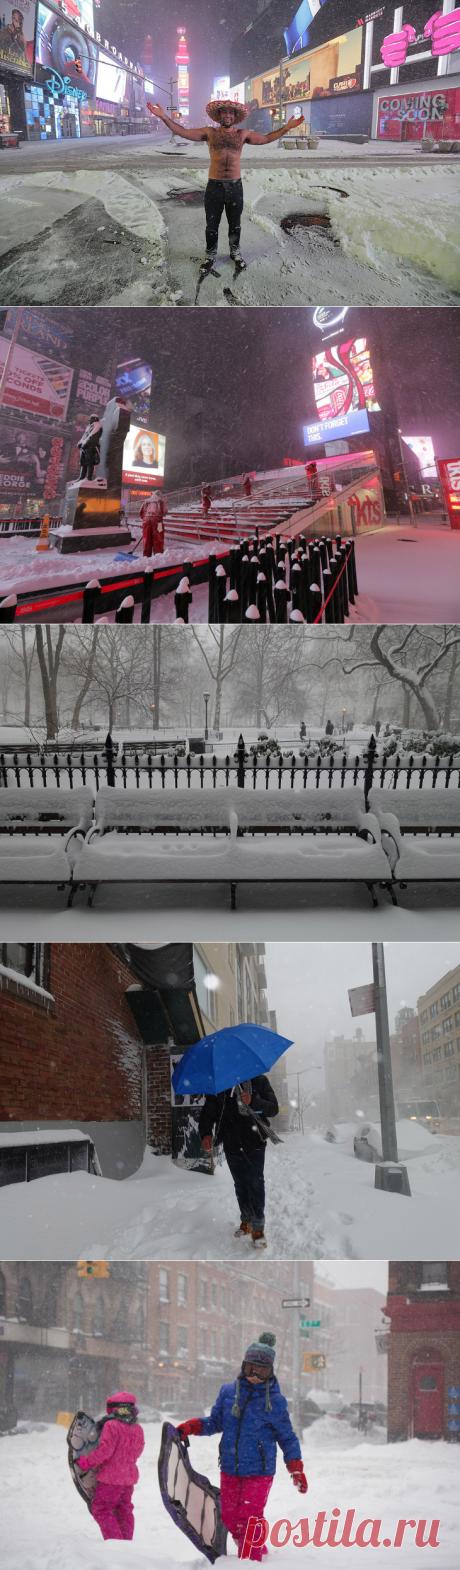 Снегопад в Нью-Йорке |2016